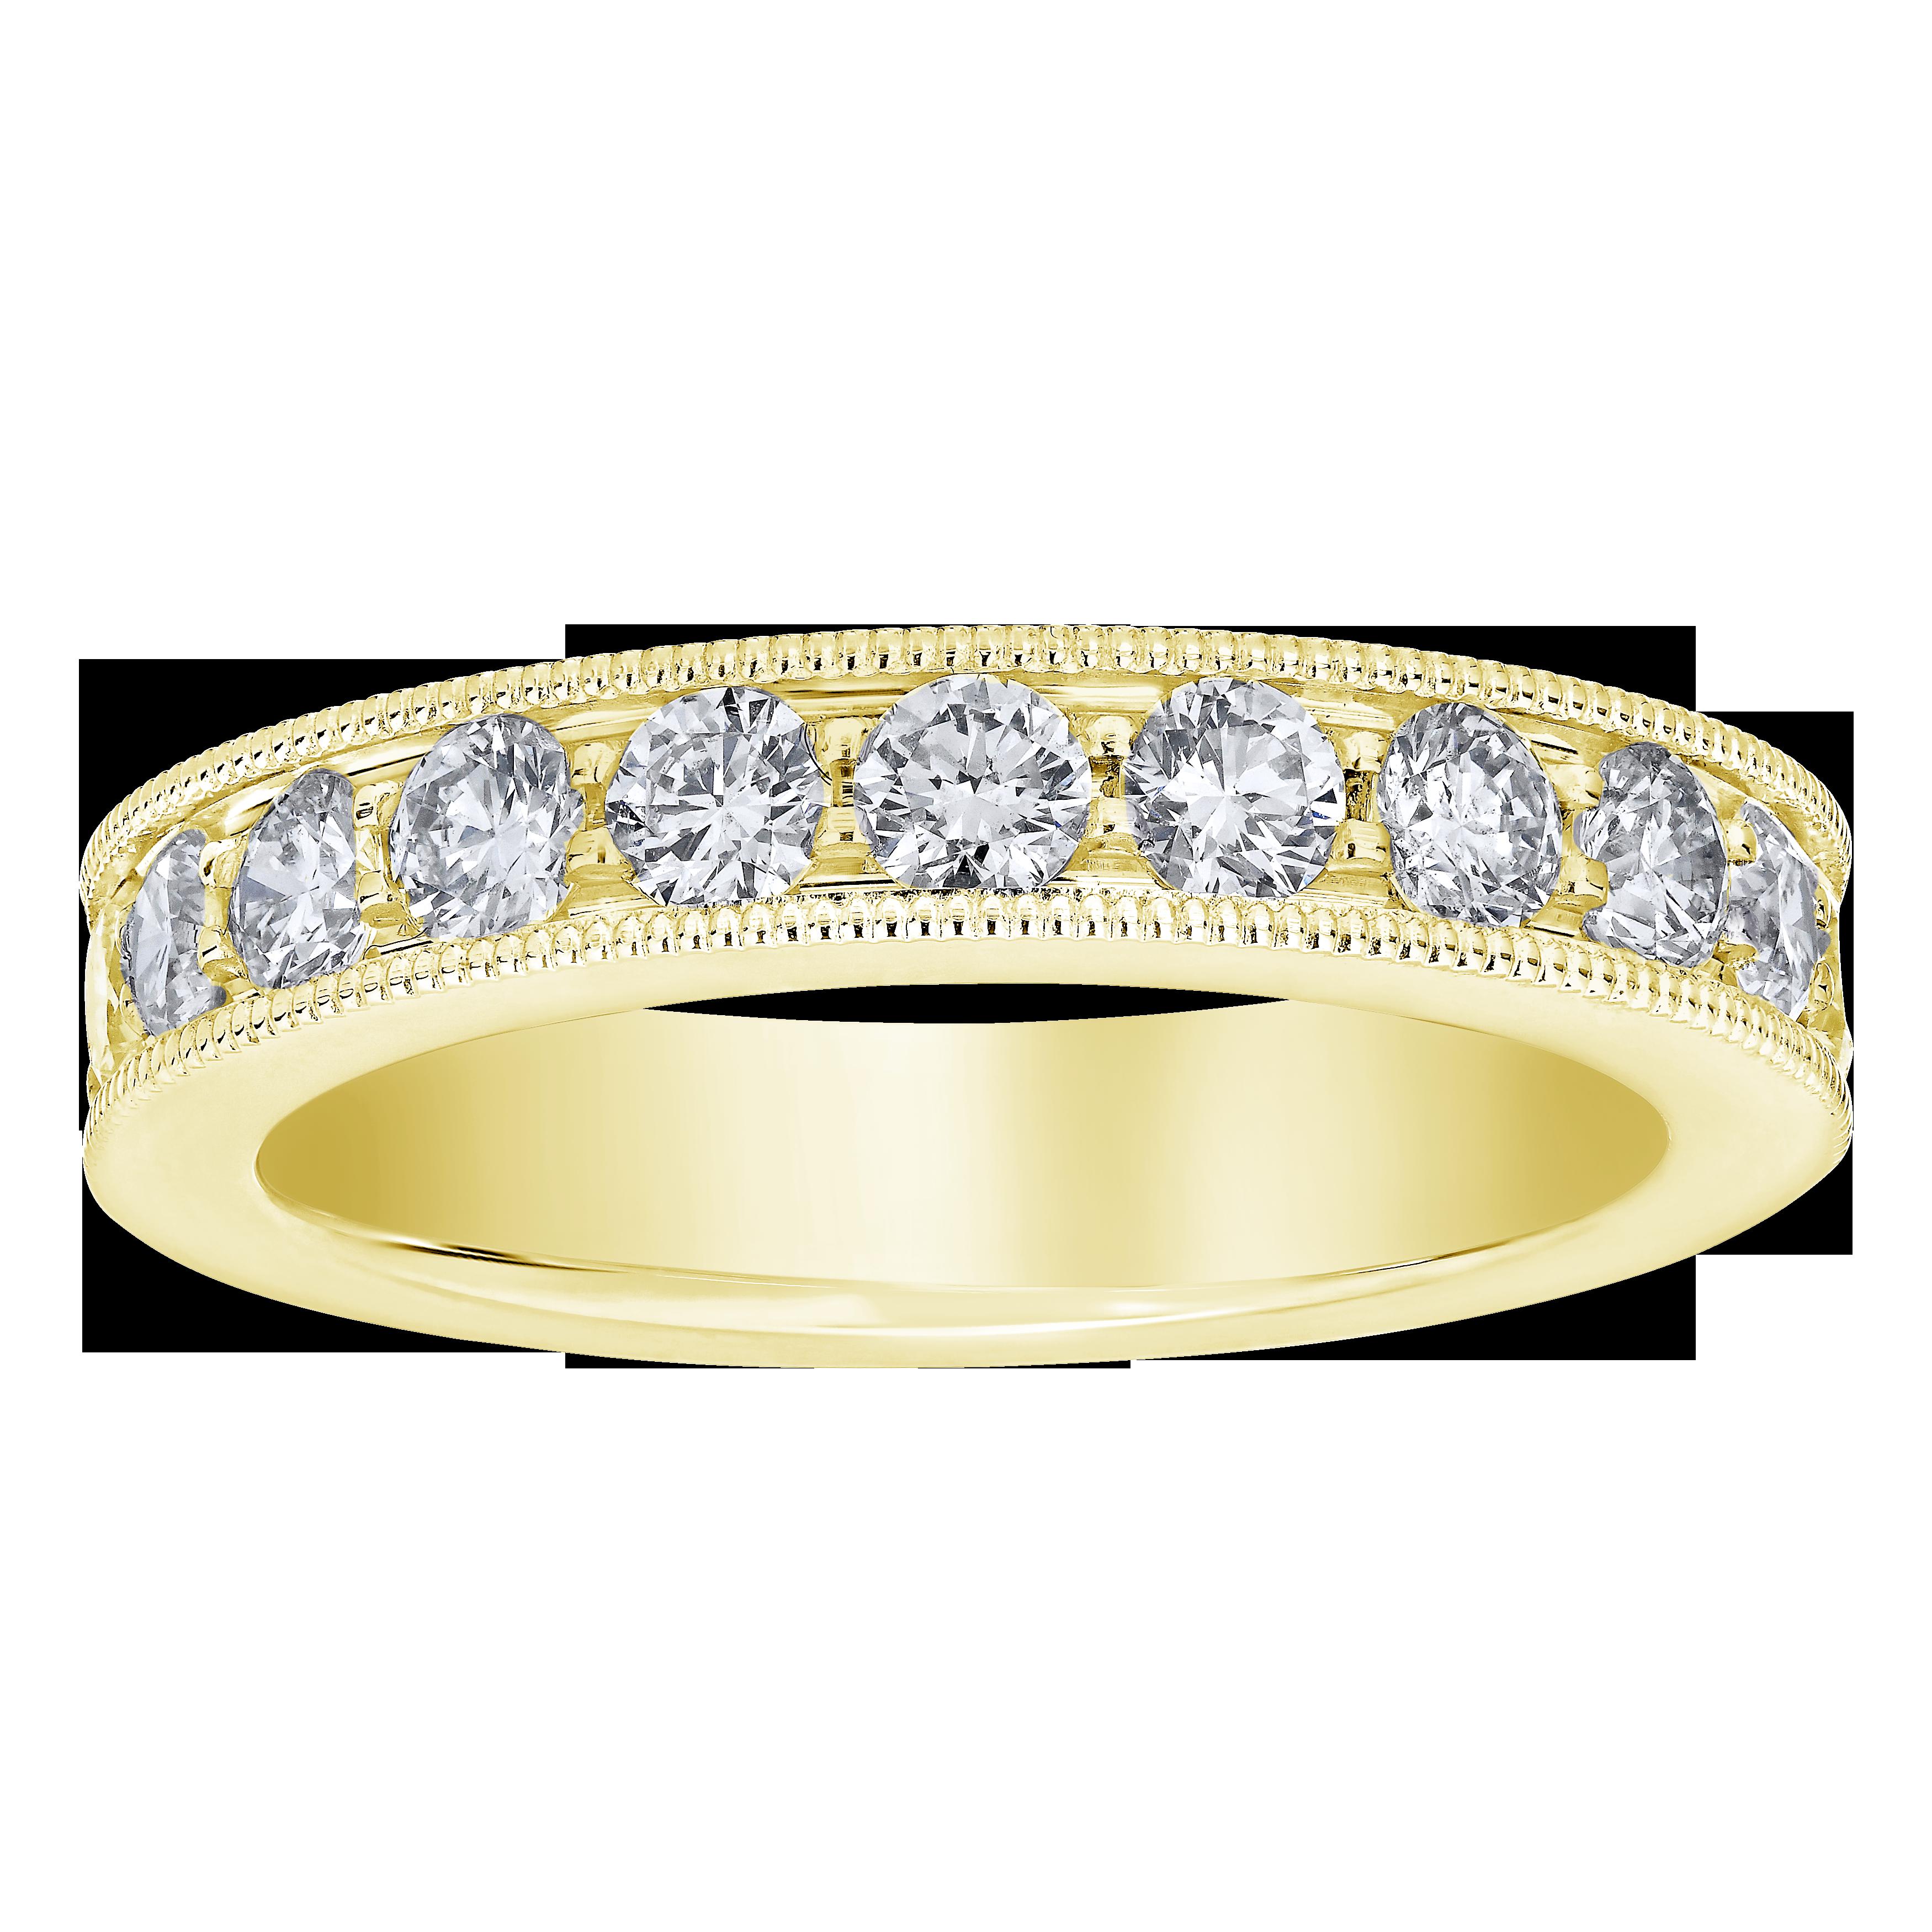 https://www.amidonjewelers.com/upload/product/242601DU2_4fb57159-4a6b-4308-9a47-190ab1cca21f.png